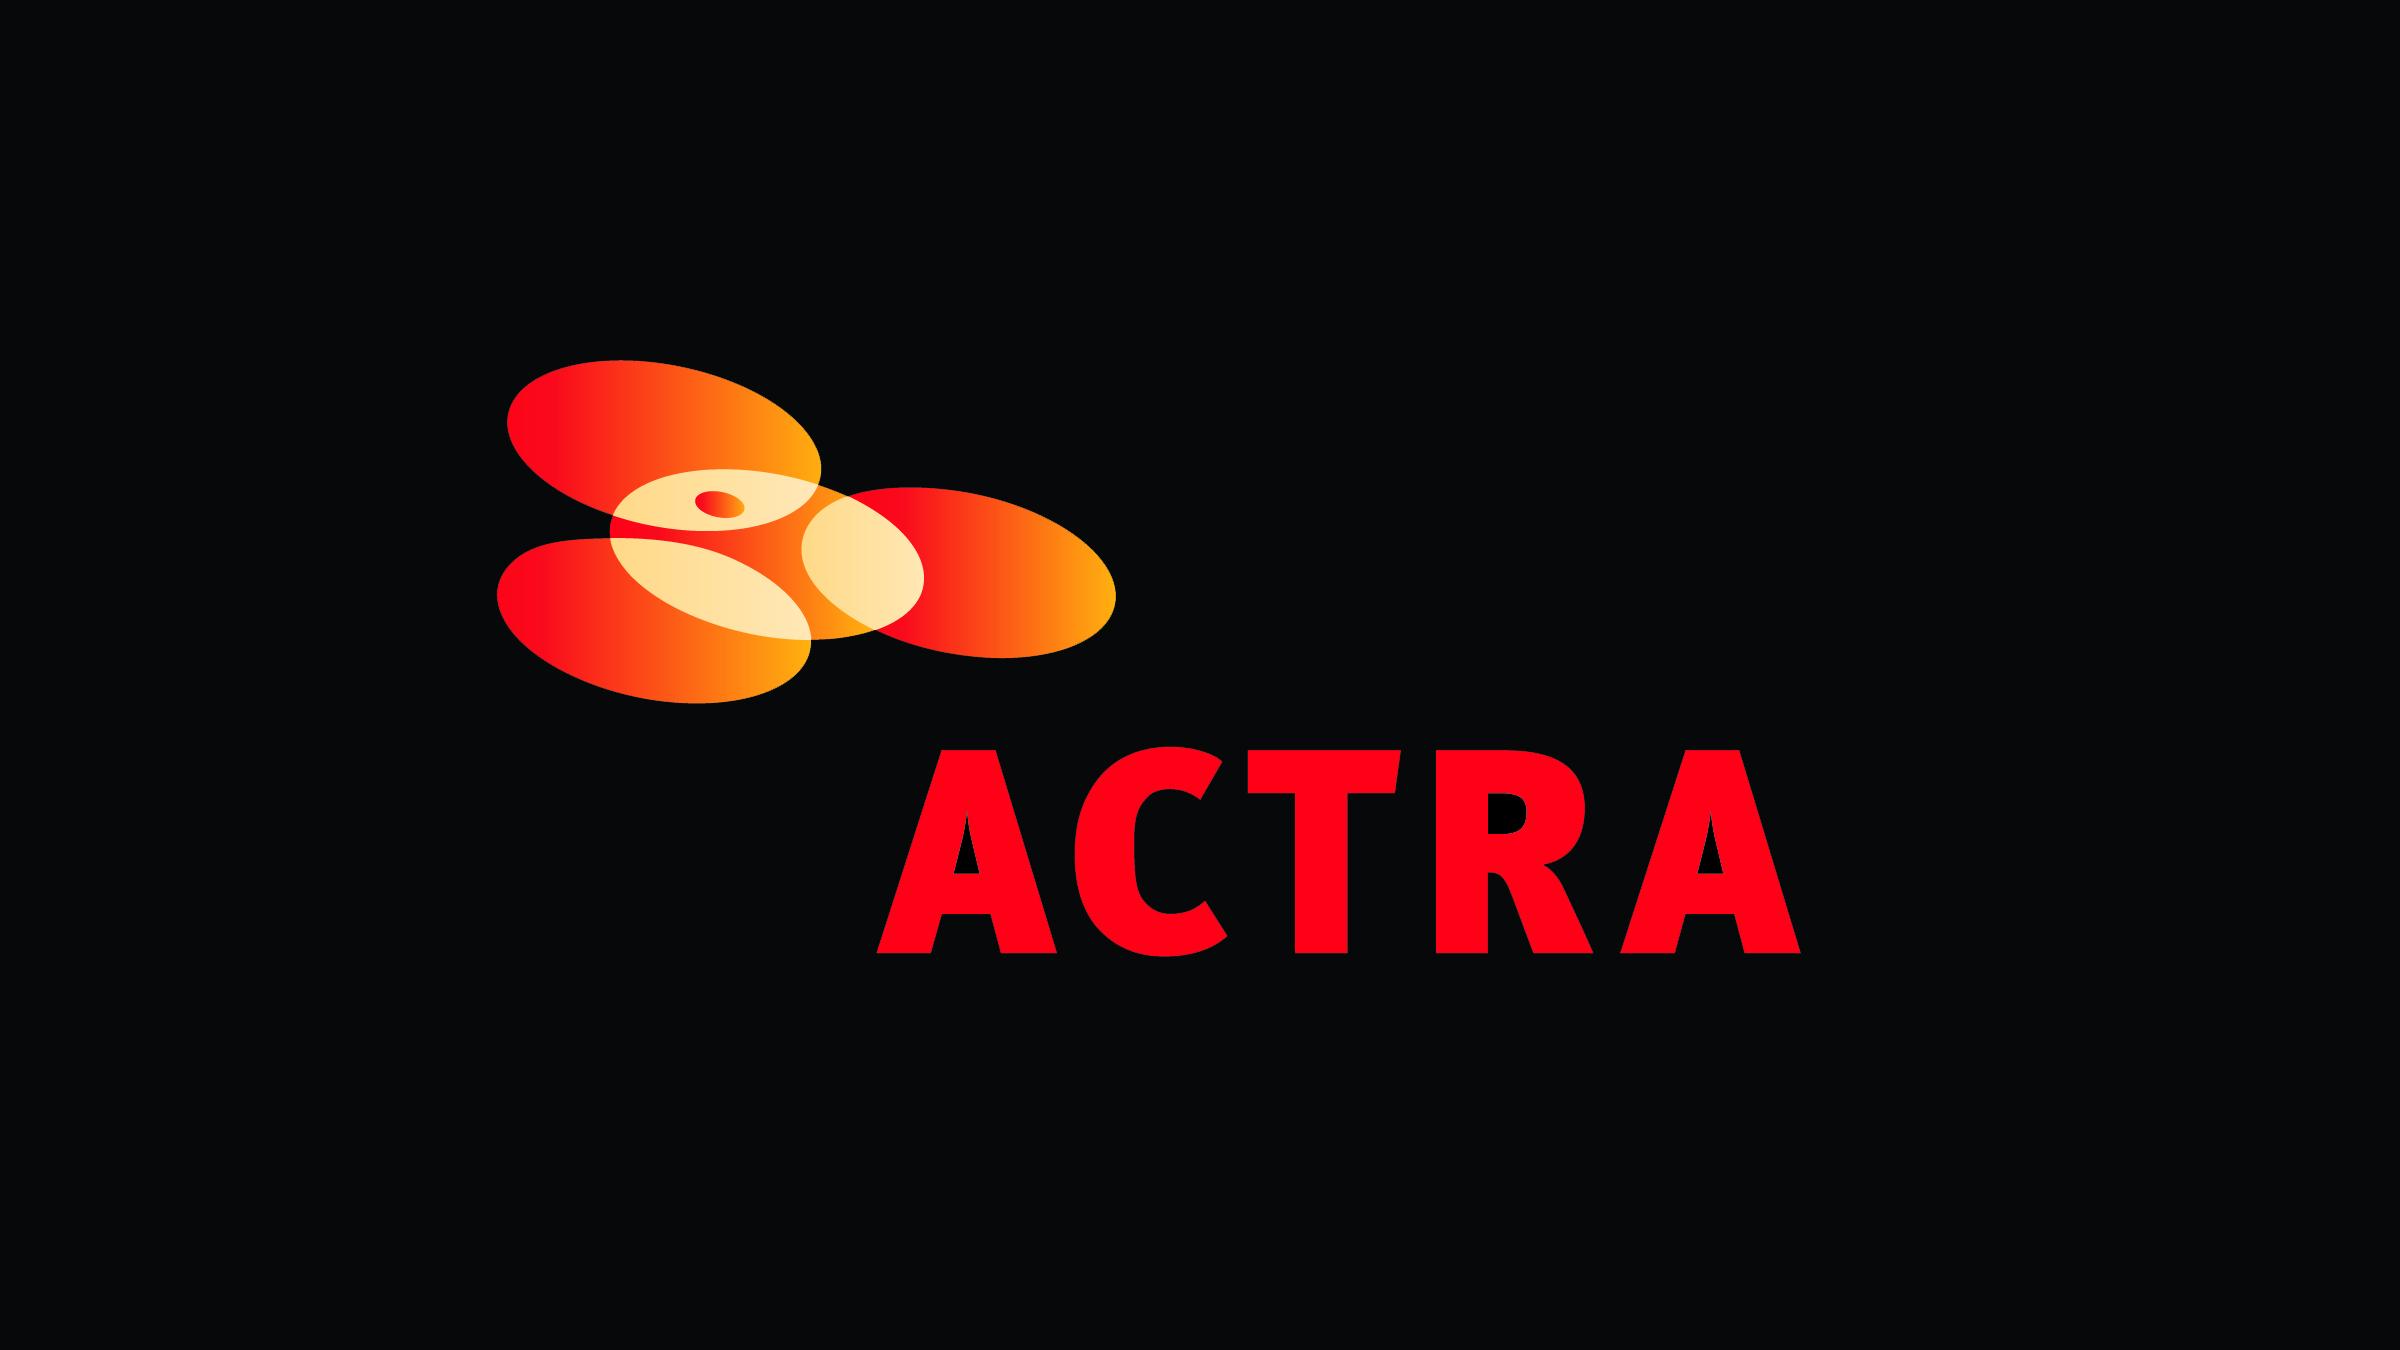 Actra Logos.